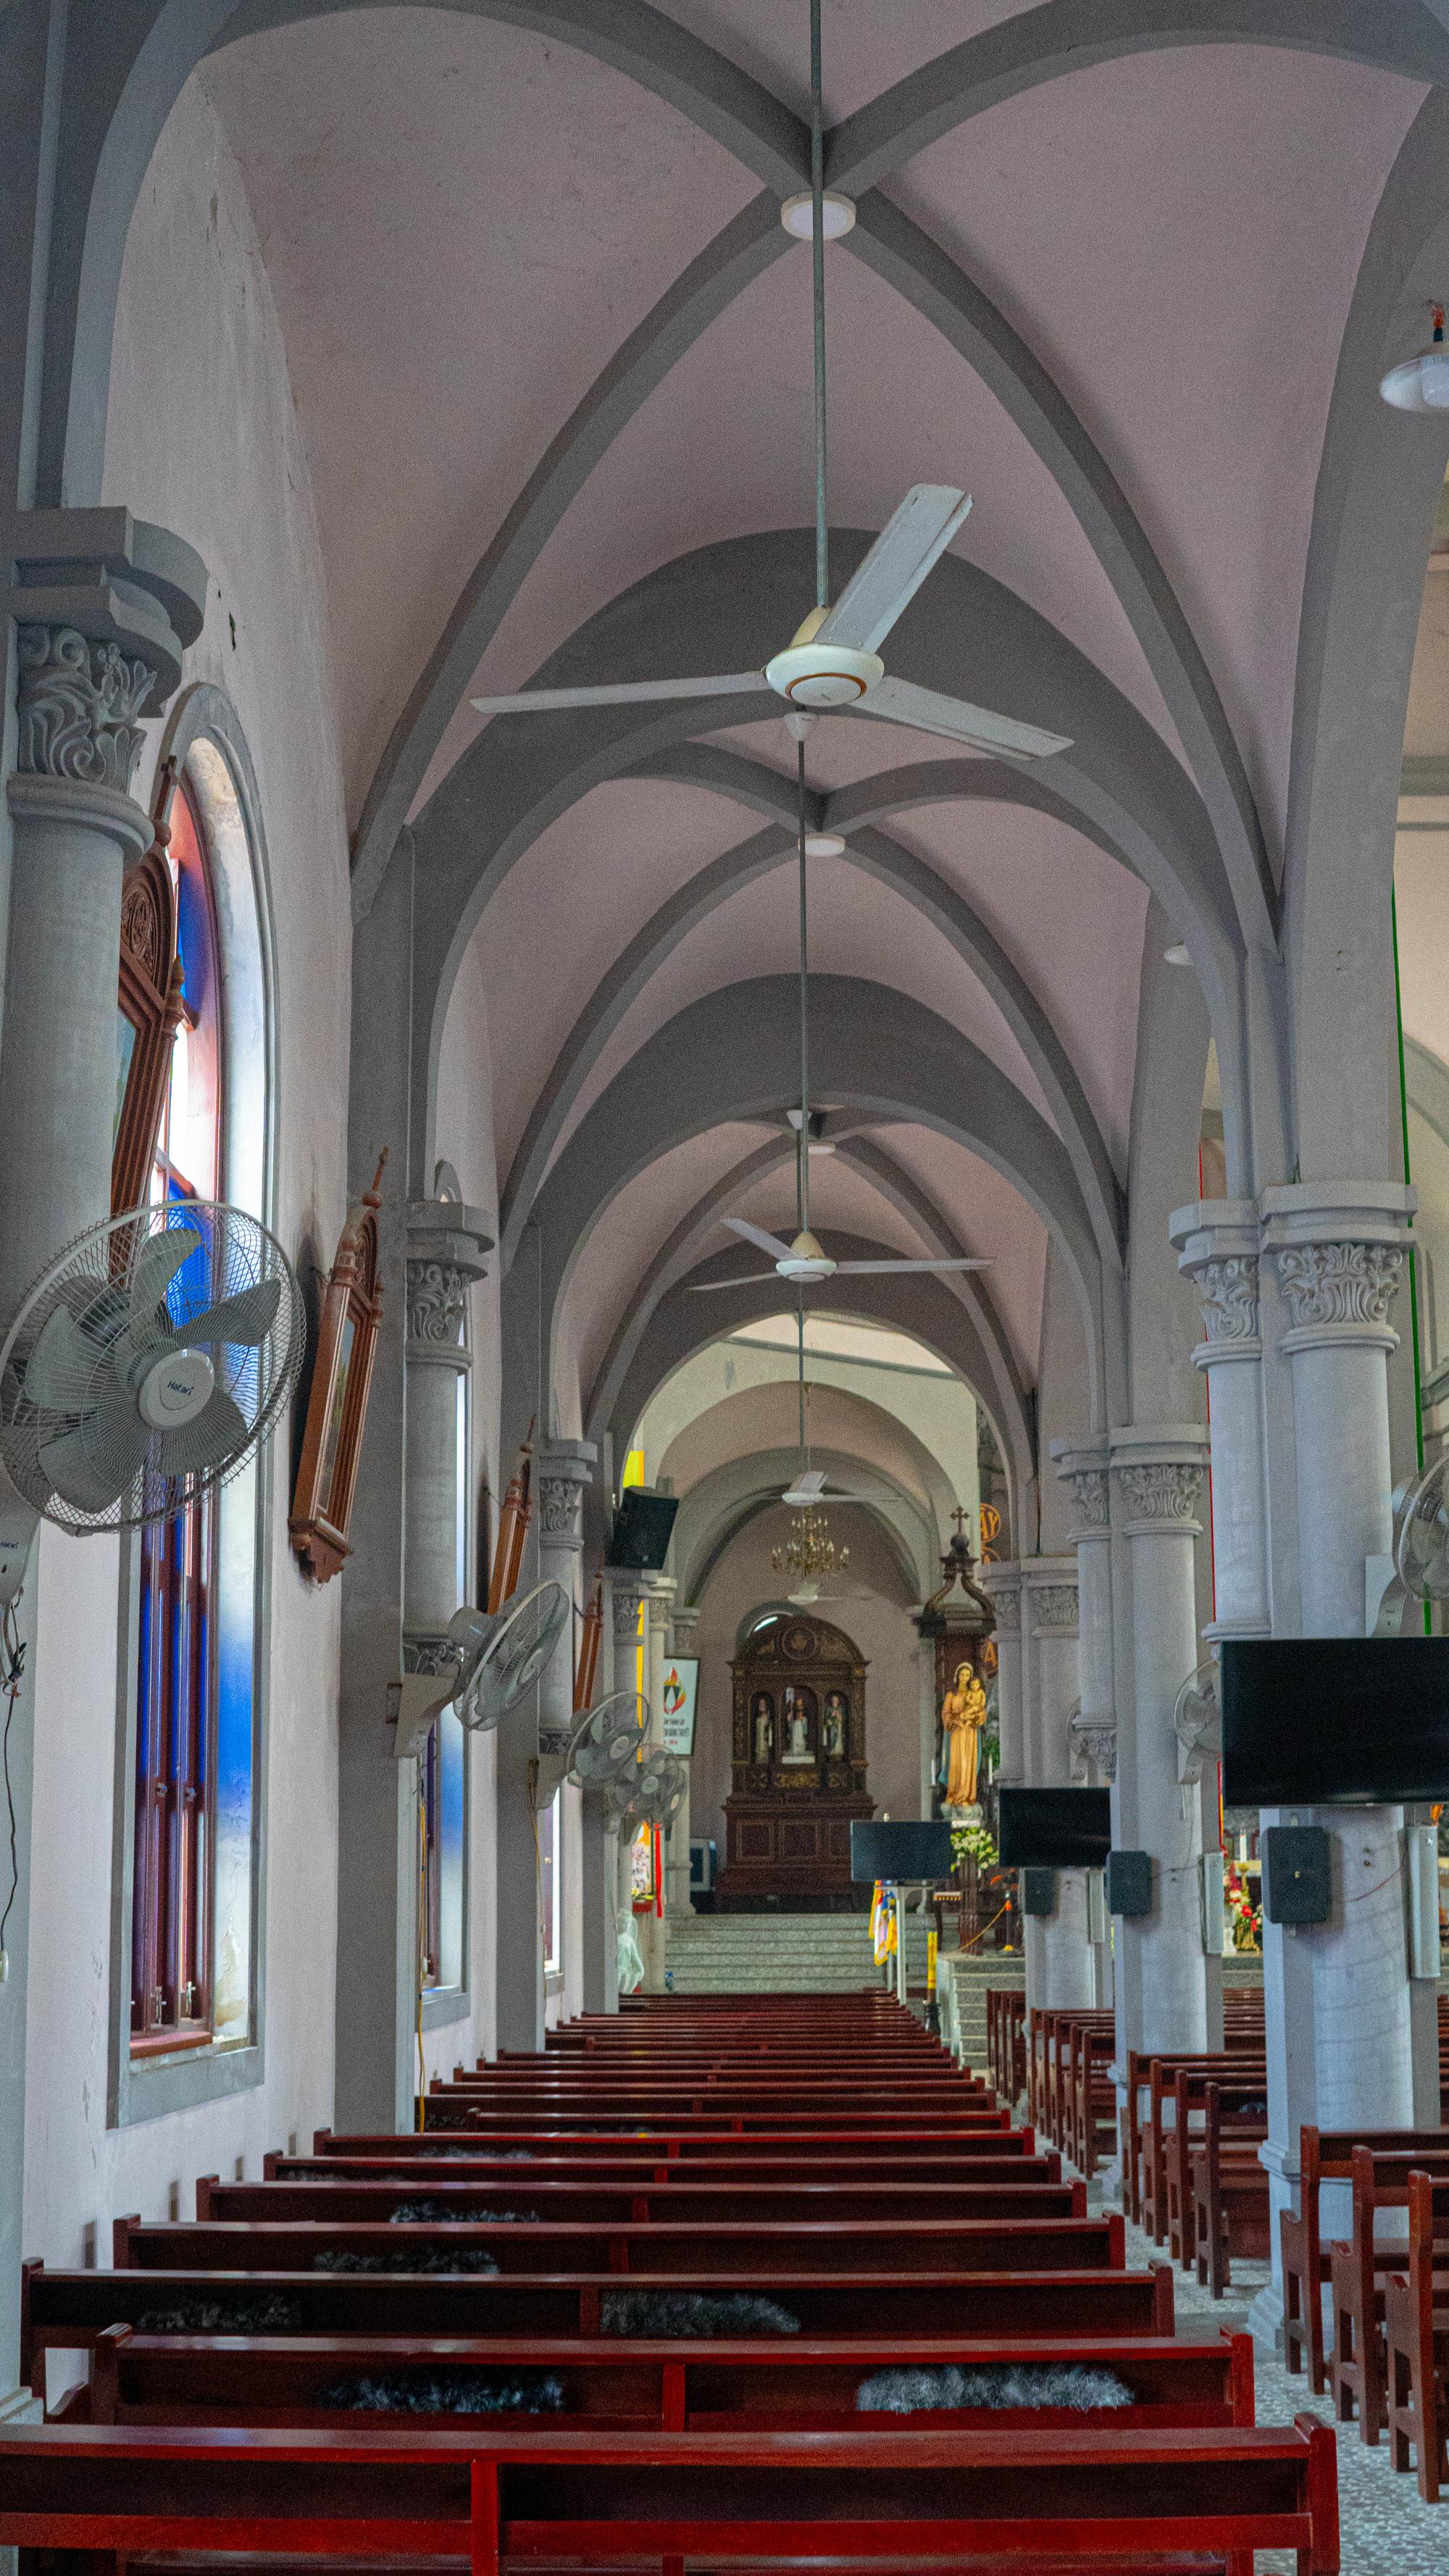 Về thăm nhà thờ Khoái Đồng, nơi thờ hiện thân của ông già Noel - Ảnh 17.